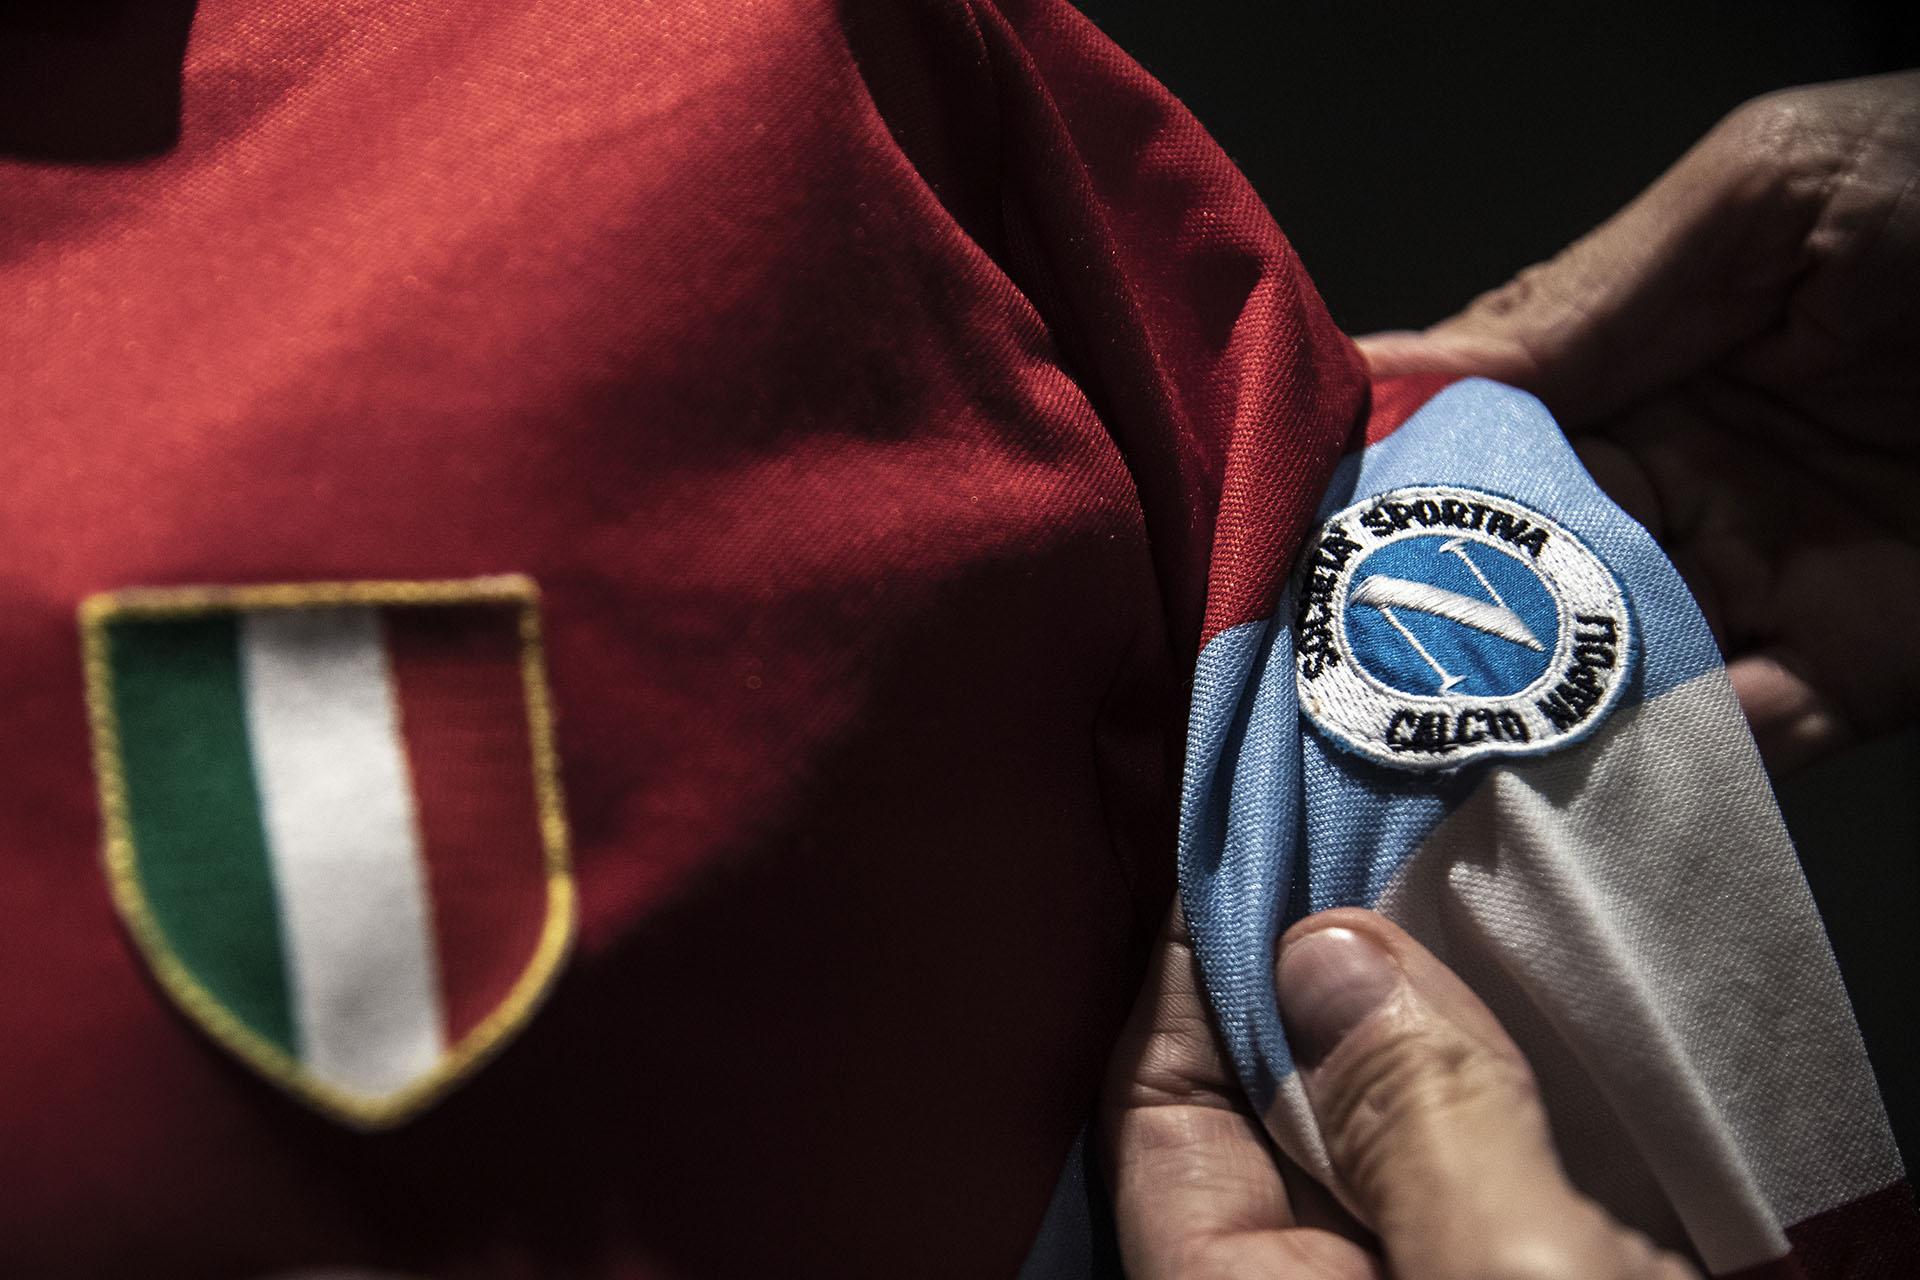 Esta camiseta roja (alternativa) del Napoli fue transpirada por Maradona durante la temporada 90/91 en Italia (Photo by MARCO BERTORELLO / AFP)